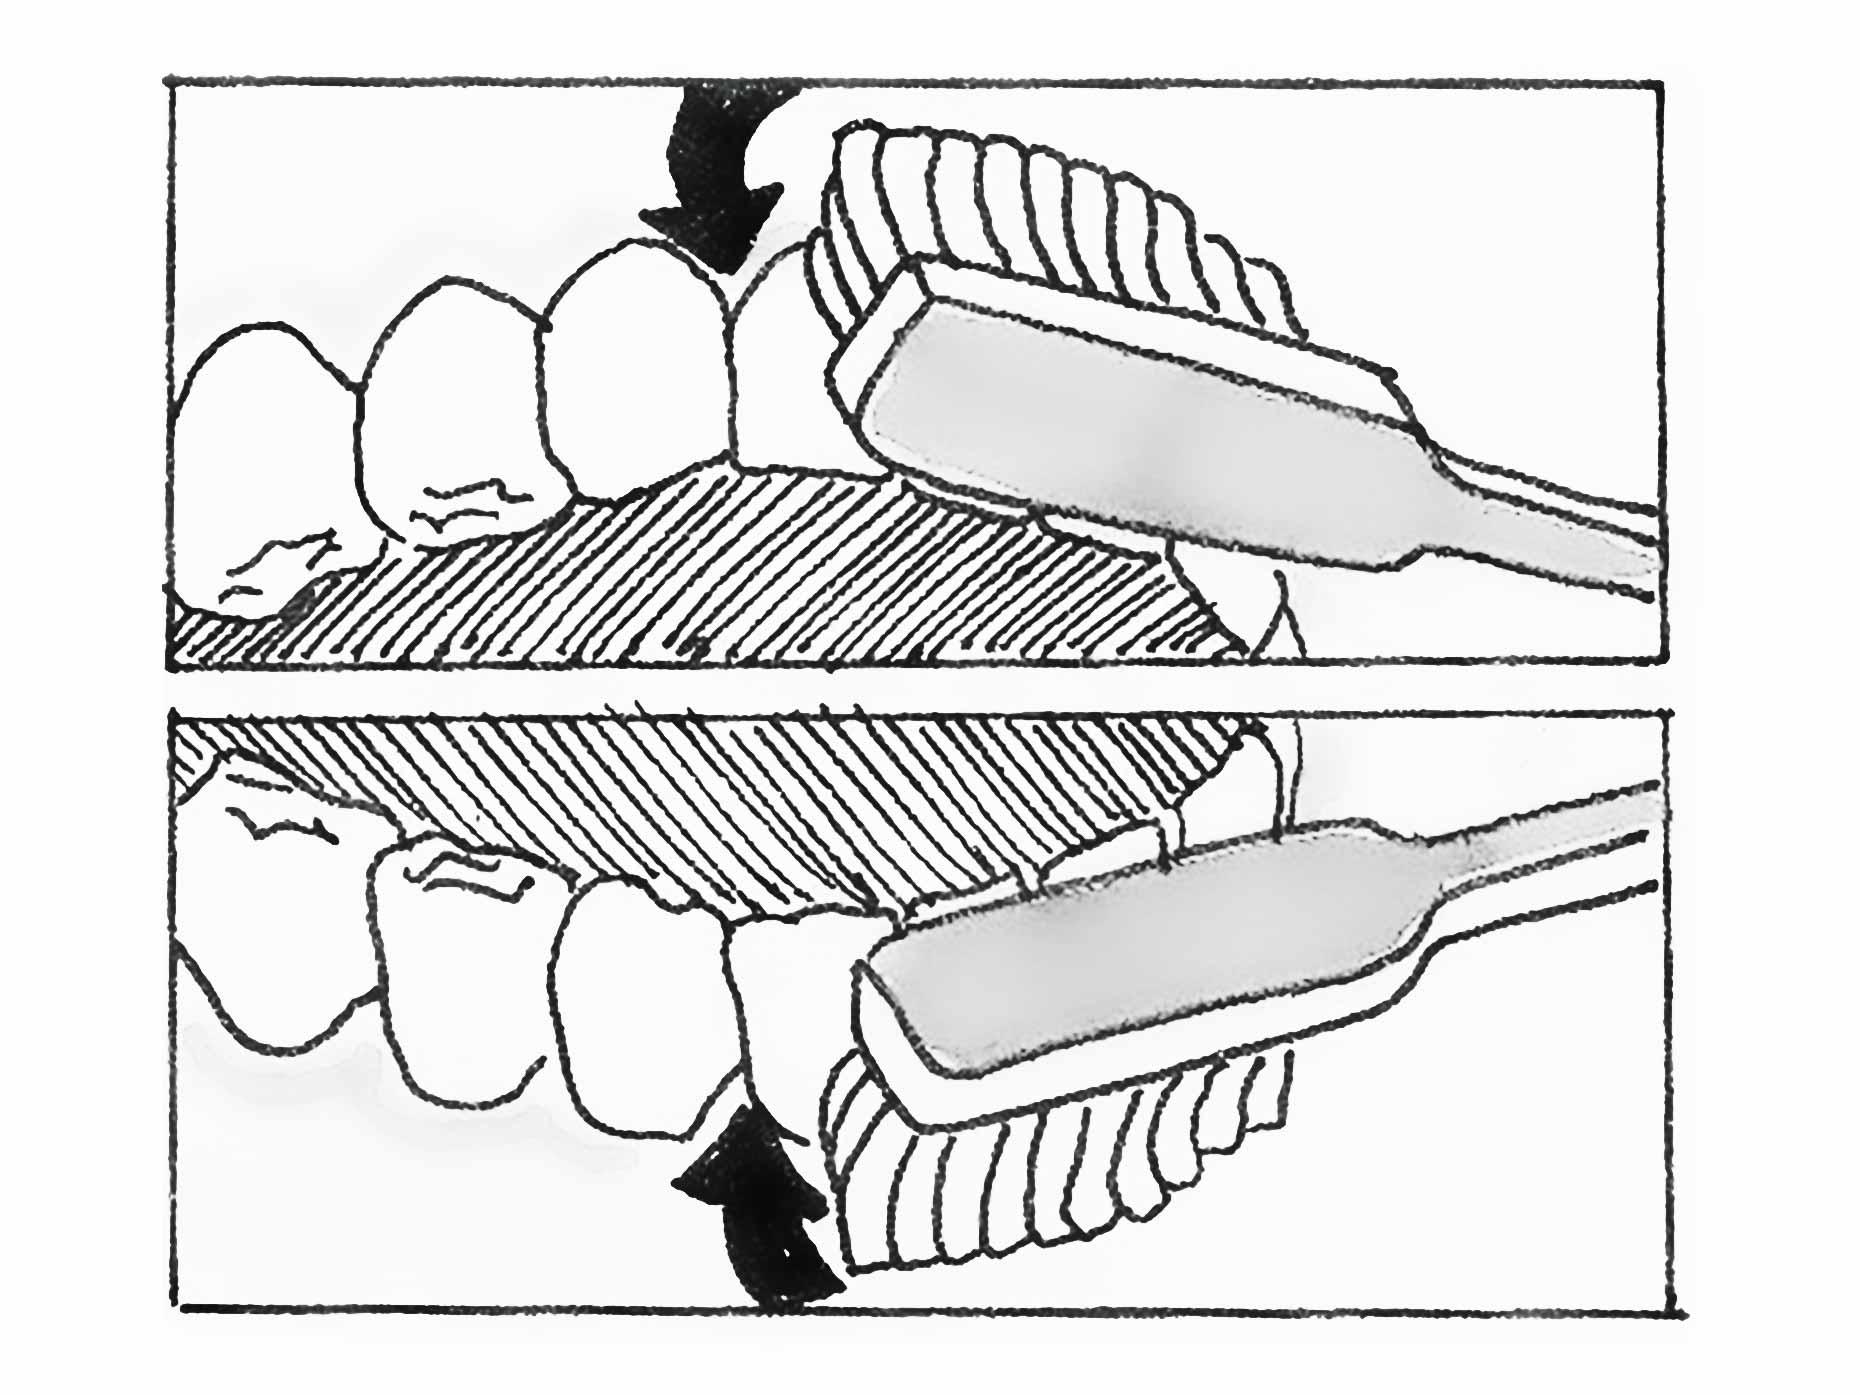 disegno che mostra il giusto utilizzo dello spazzolino